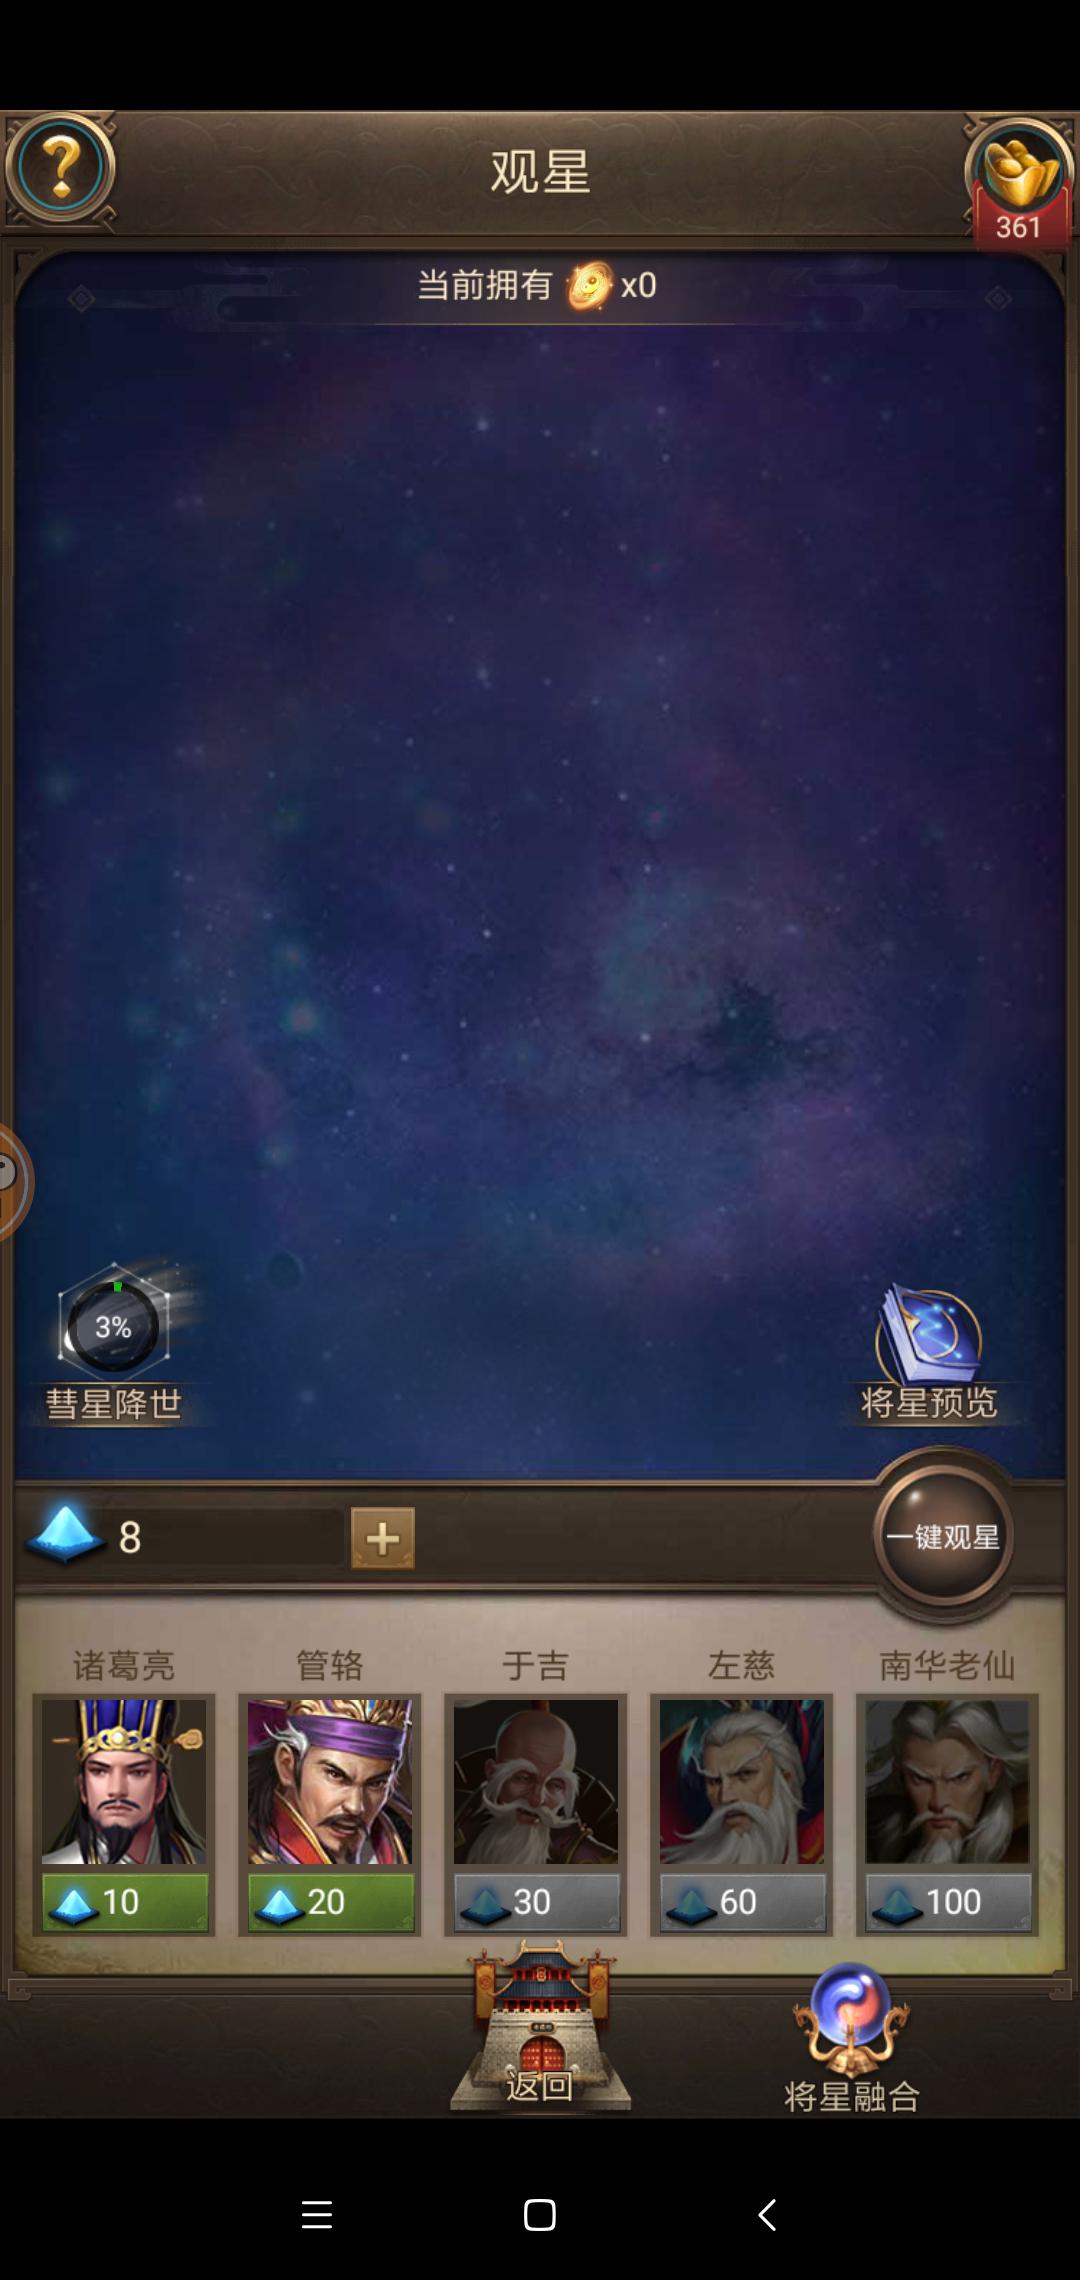 Screenshot_2019-07-31-21-34-05-855_com.tencent.tmgp.zhzz.wuhan.png